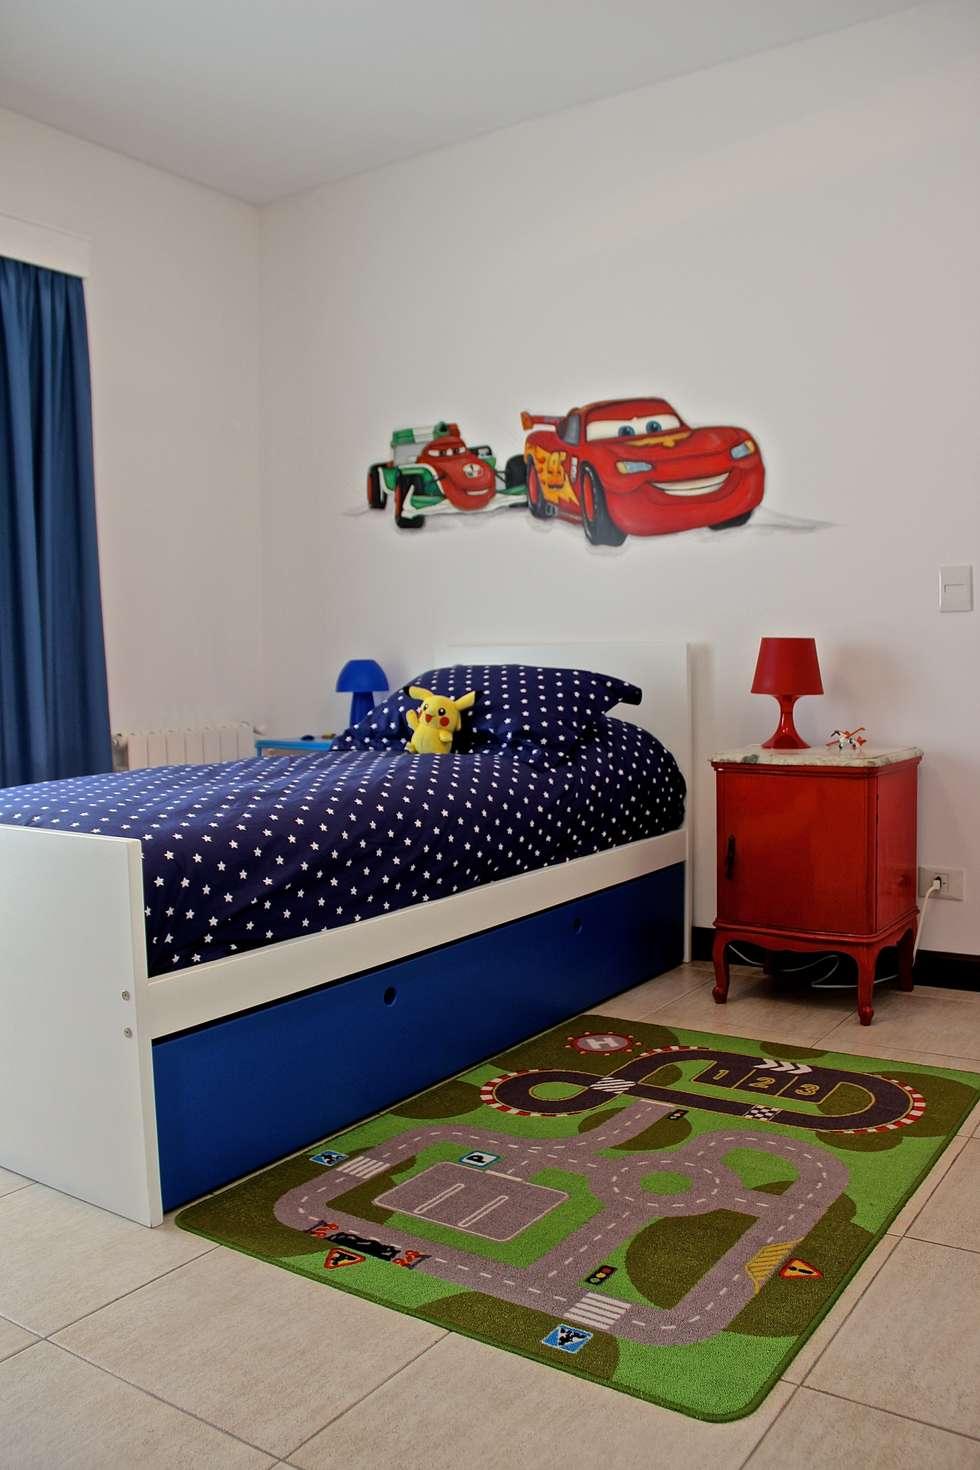 DORMITORIO HIJO 1: Dormitorios infantiles de estilo moderno por HOME UP